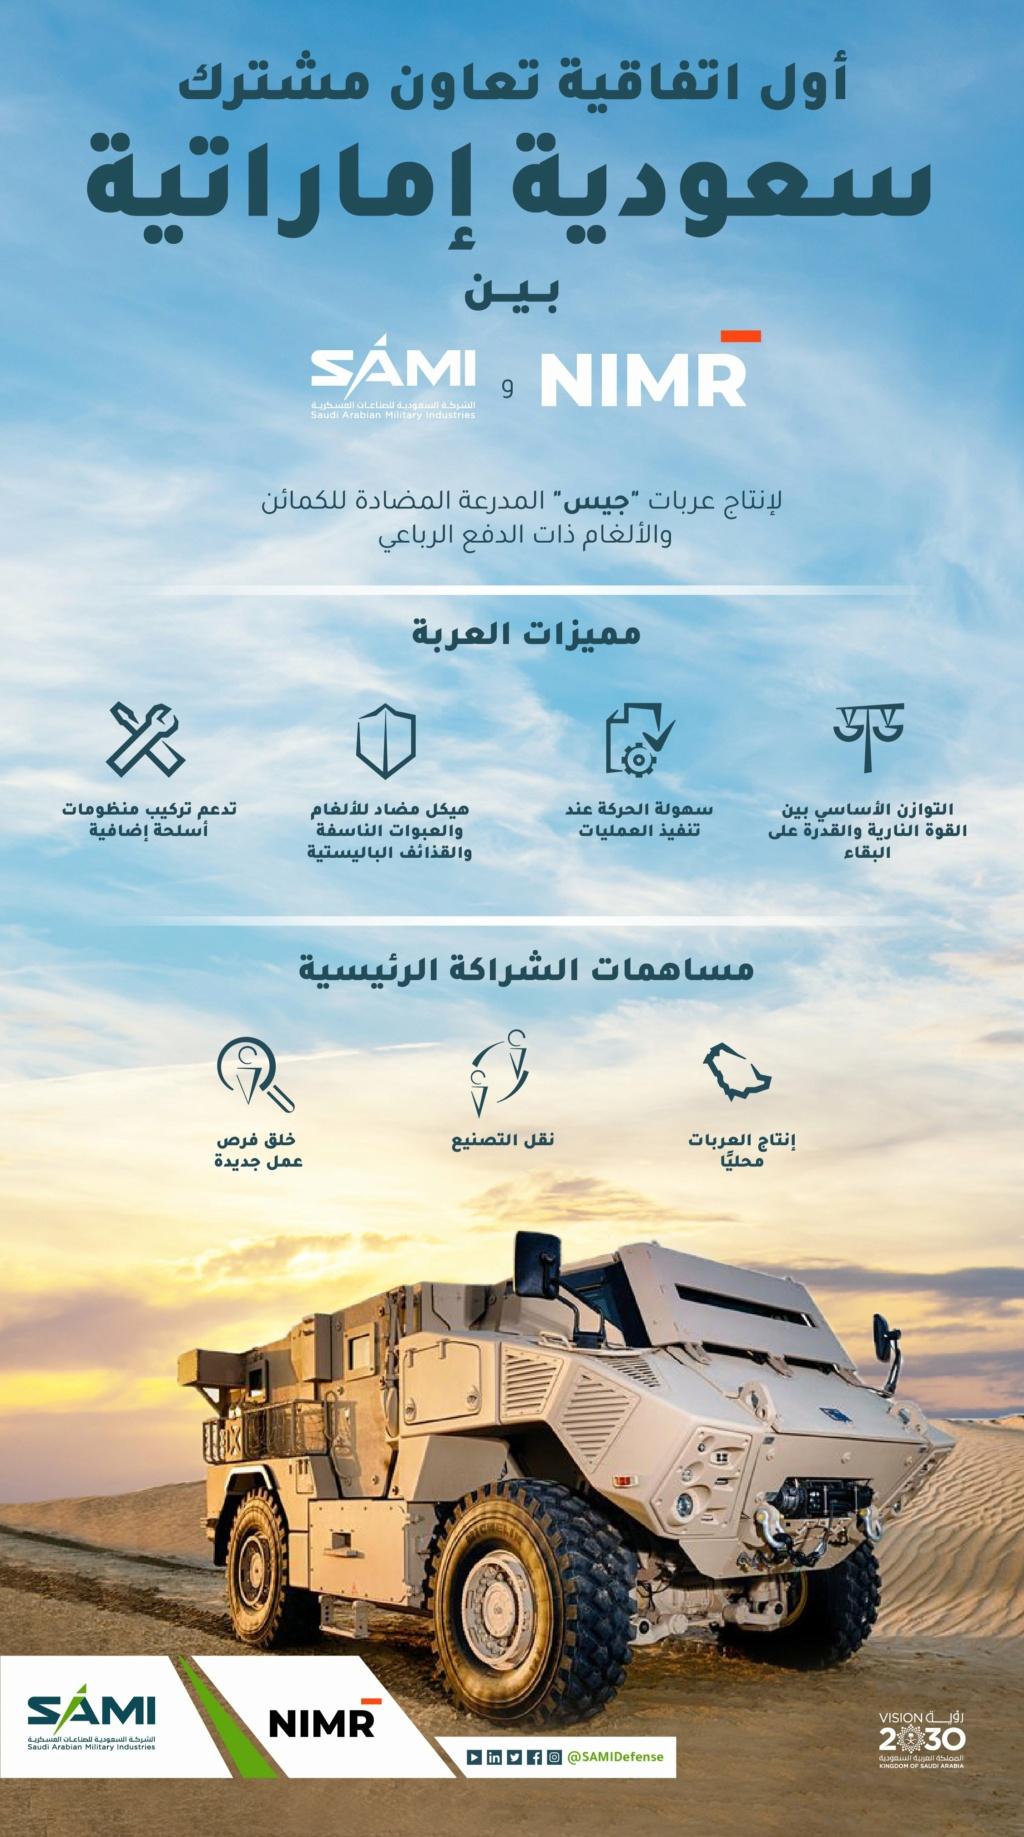 أول اتفاقية صناعات عسكرية بين شركة سعودية وإماراتية لتصنيع عربات (جيس) المقاومه للالغام في المملكة Eu1zpd10